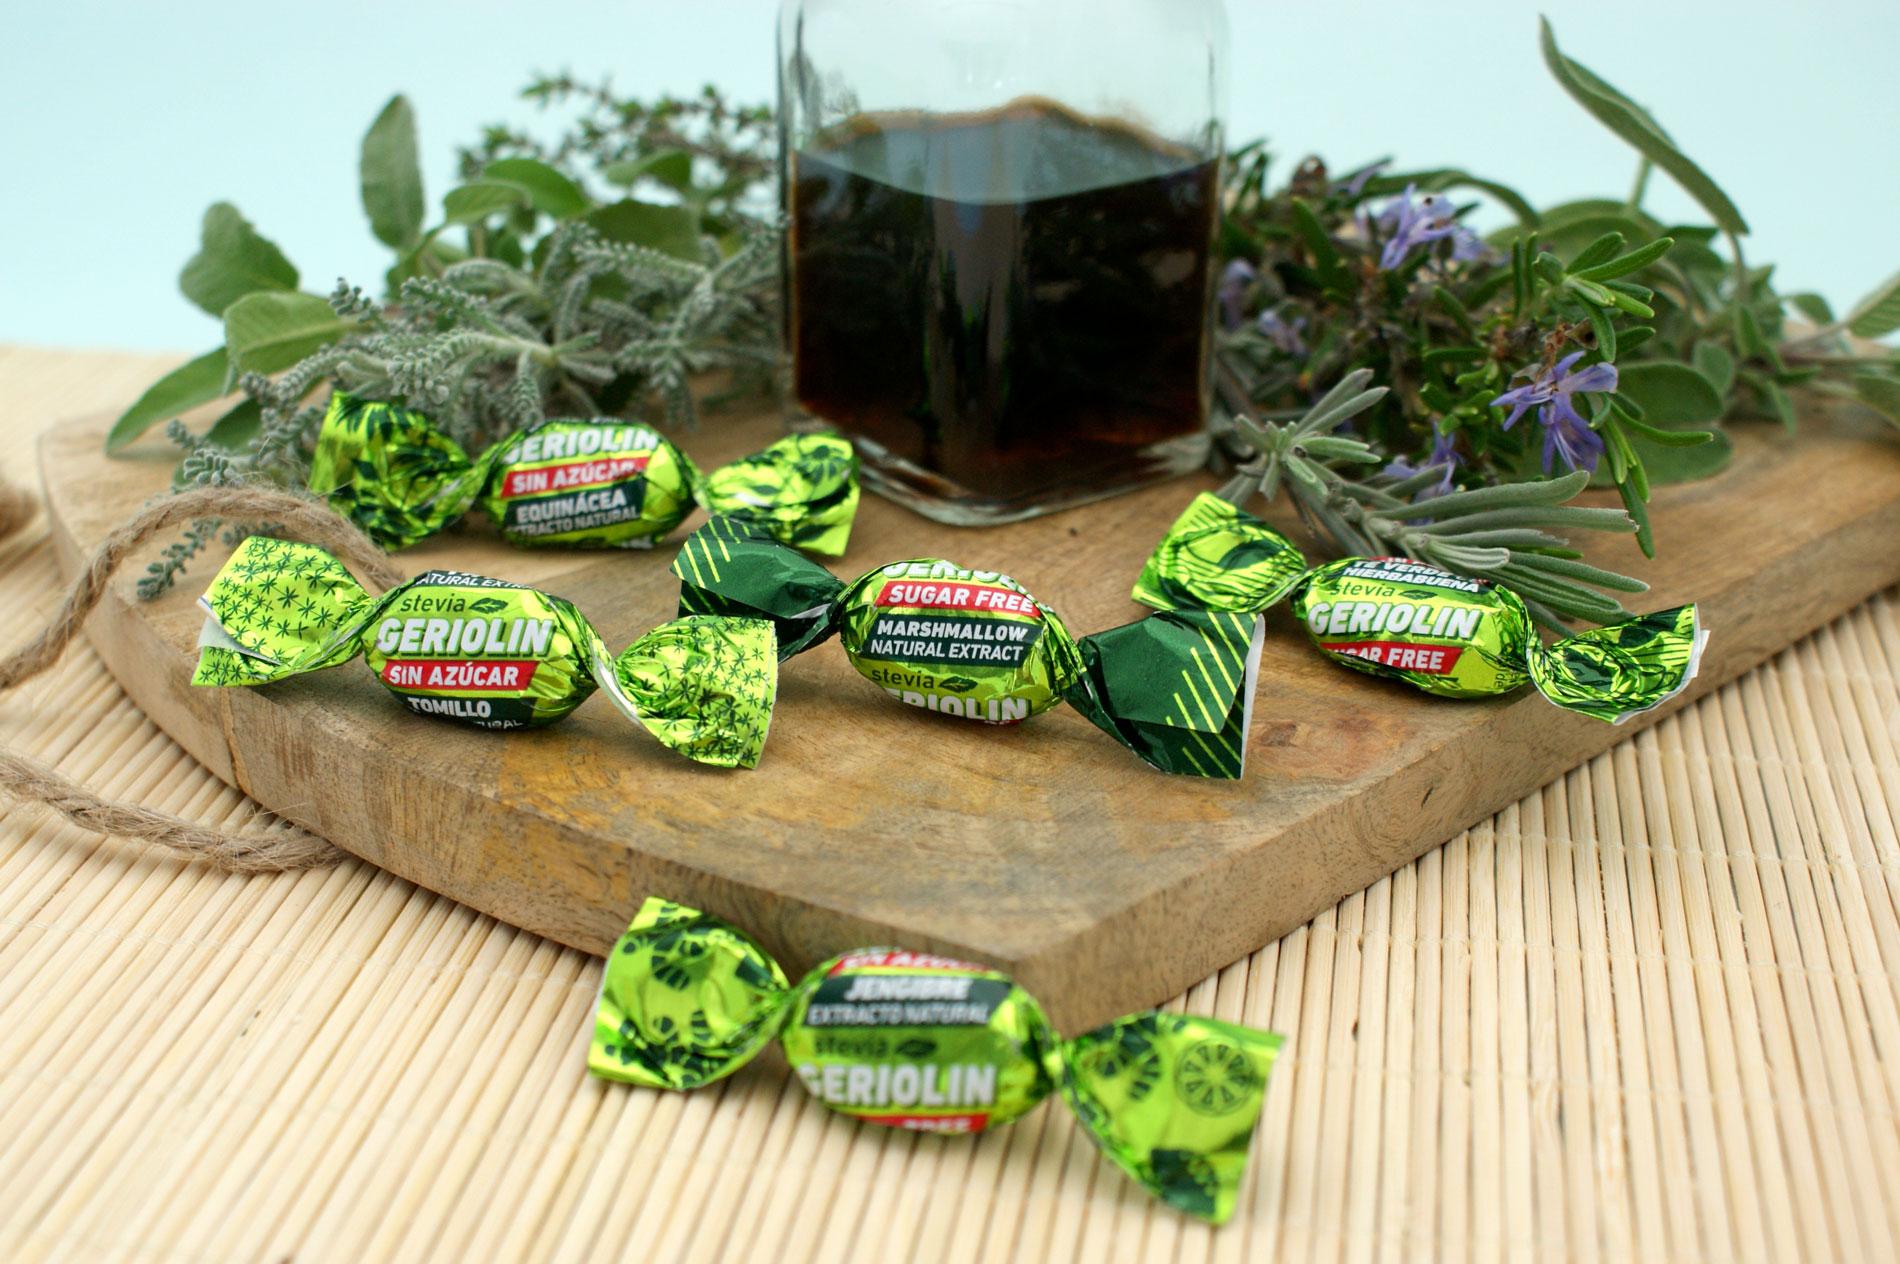 Geriolín hierbas sin azúcar